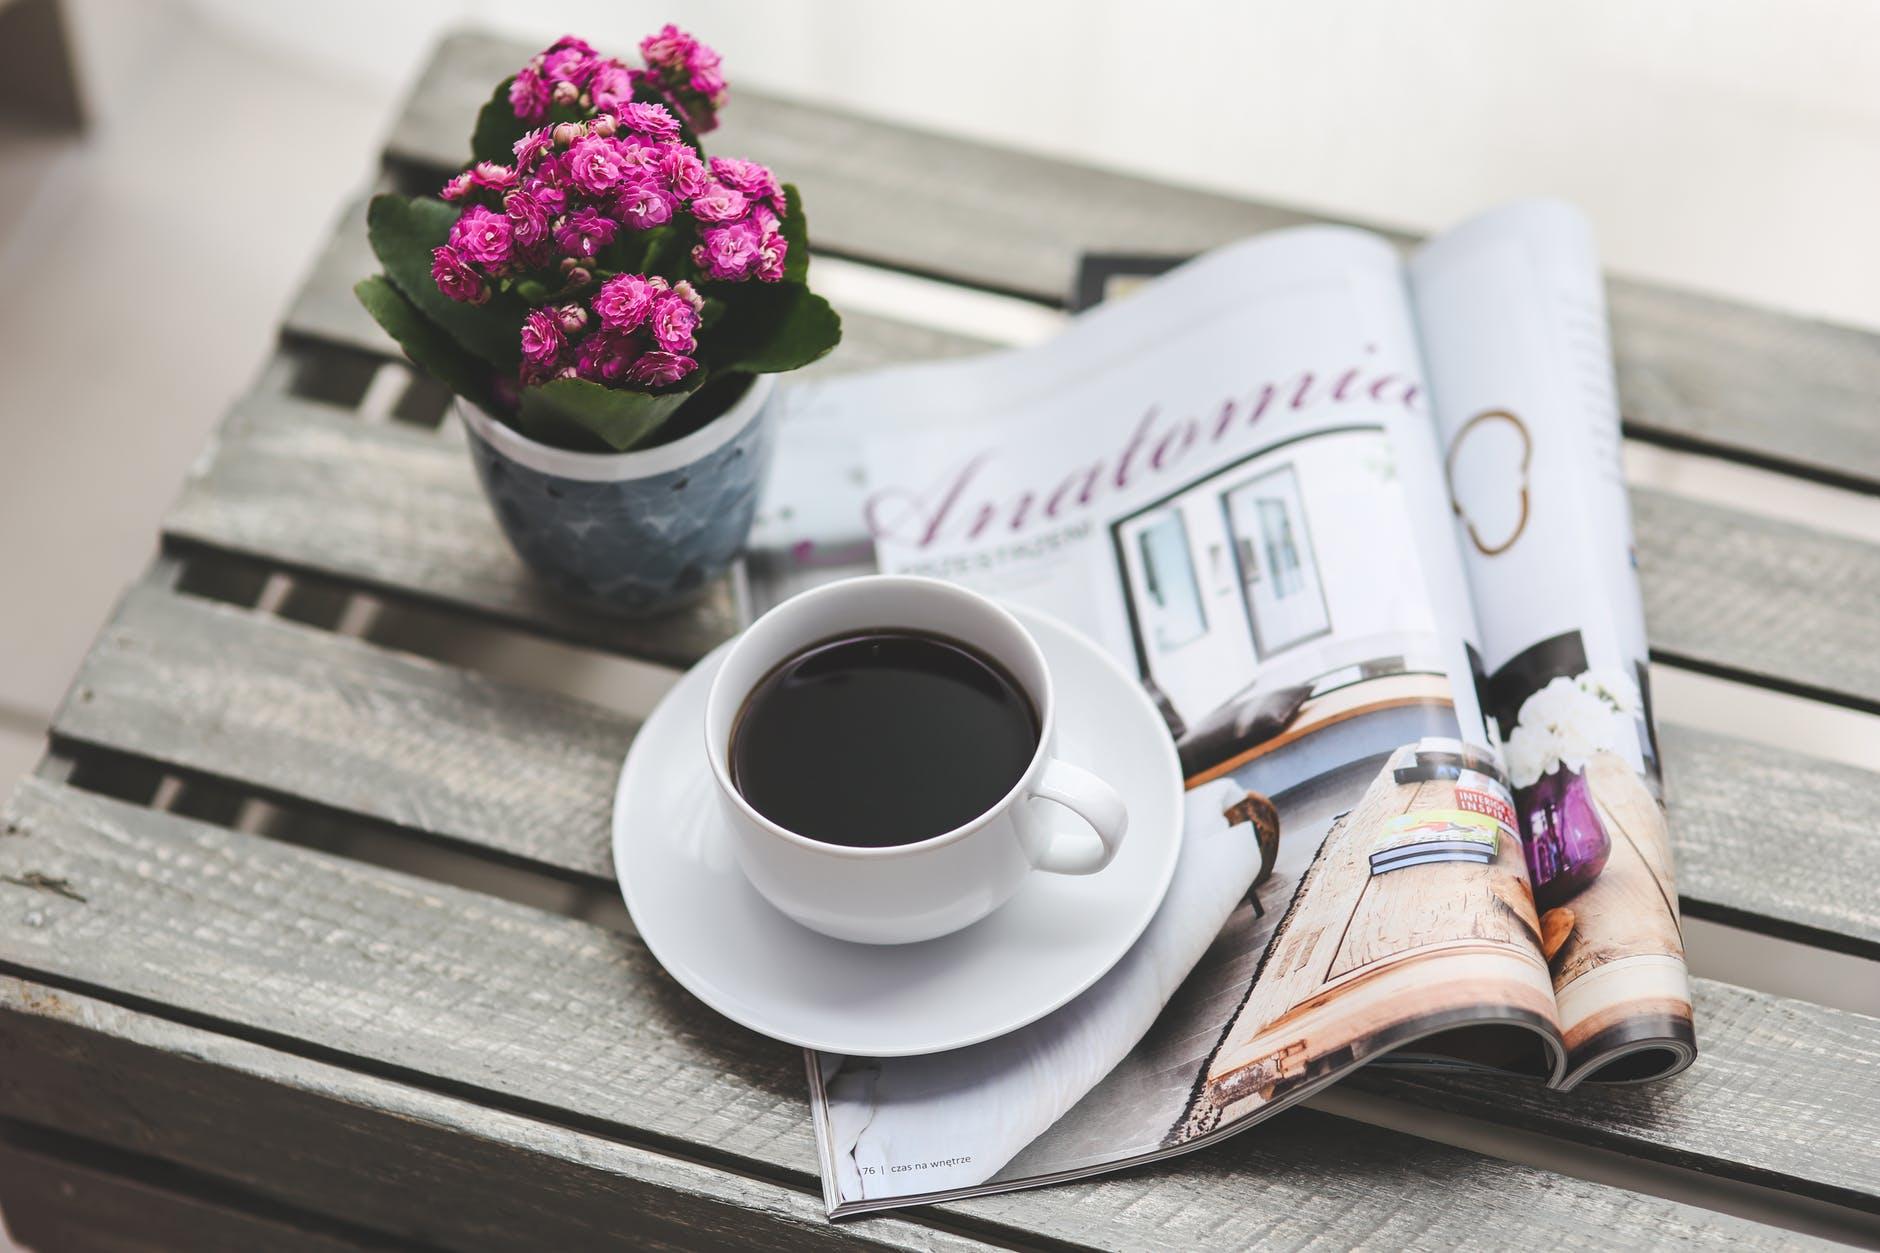 Caffein là thực phẩm không tốt cho sức khỏe